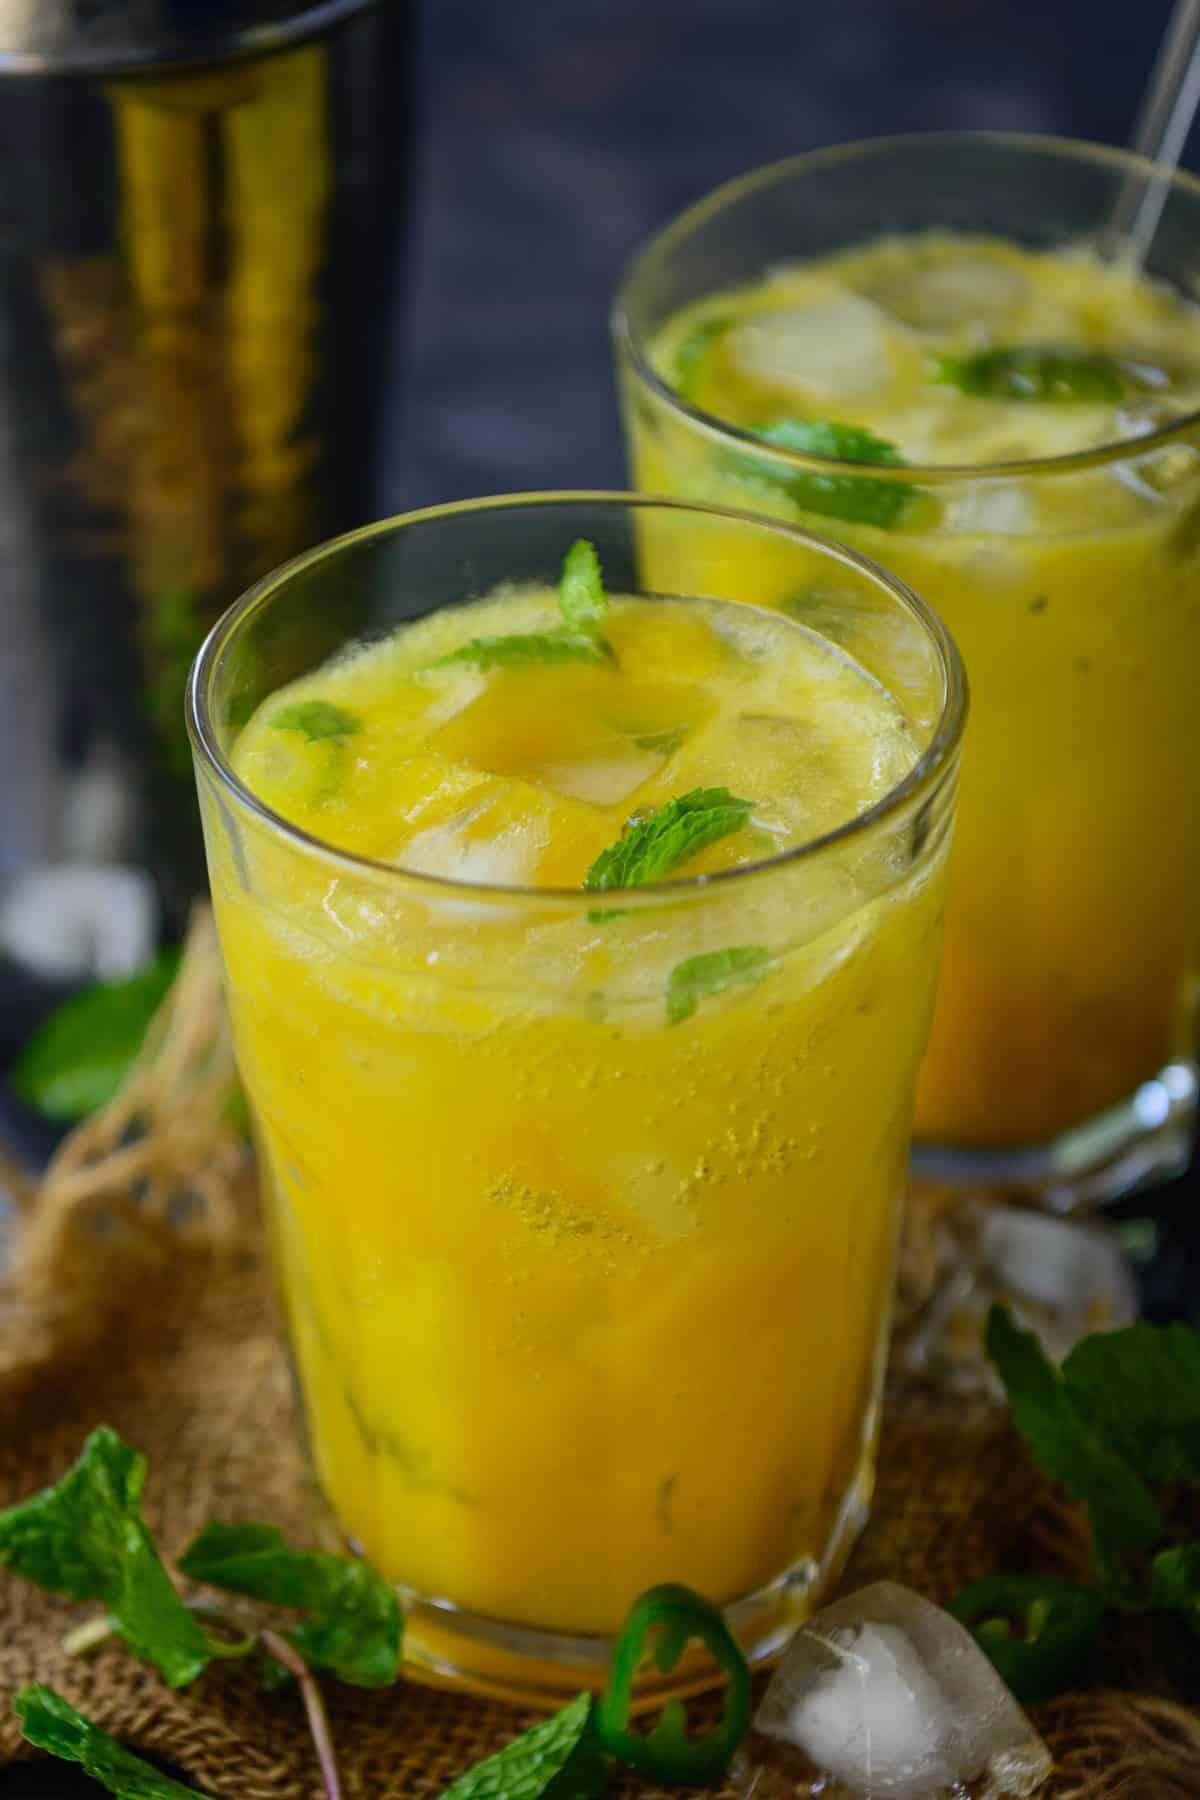 mango mojito served in a glass.